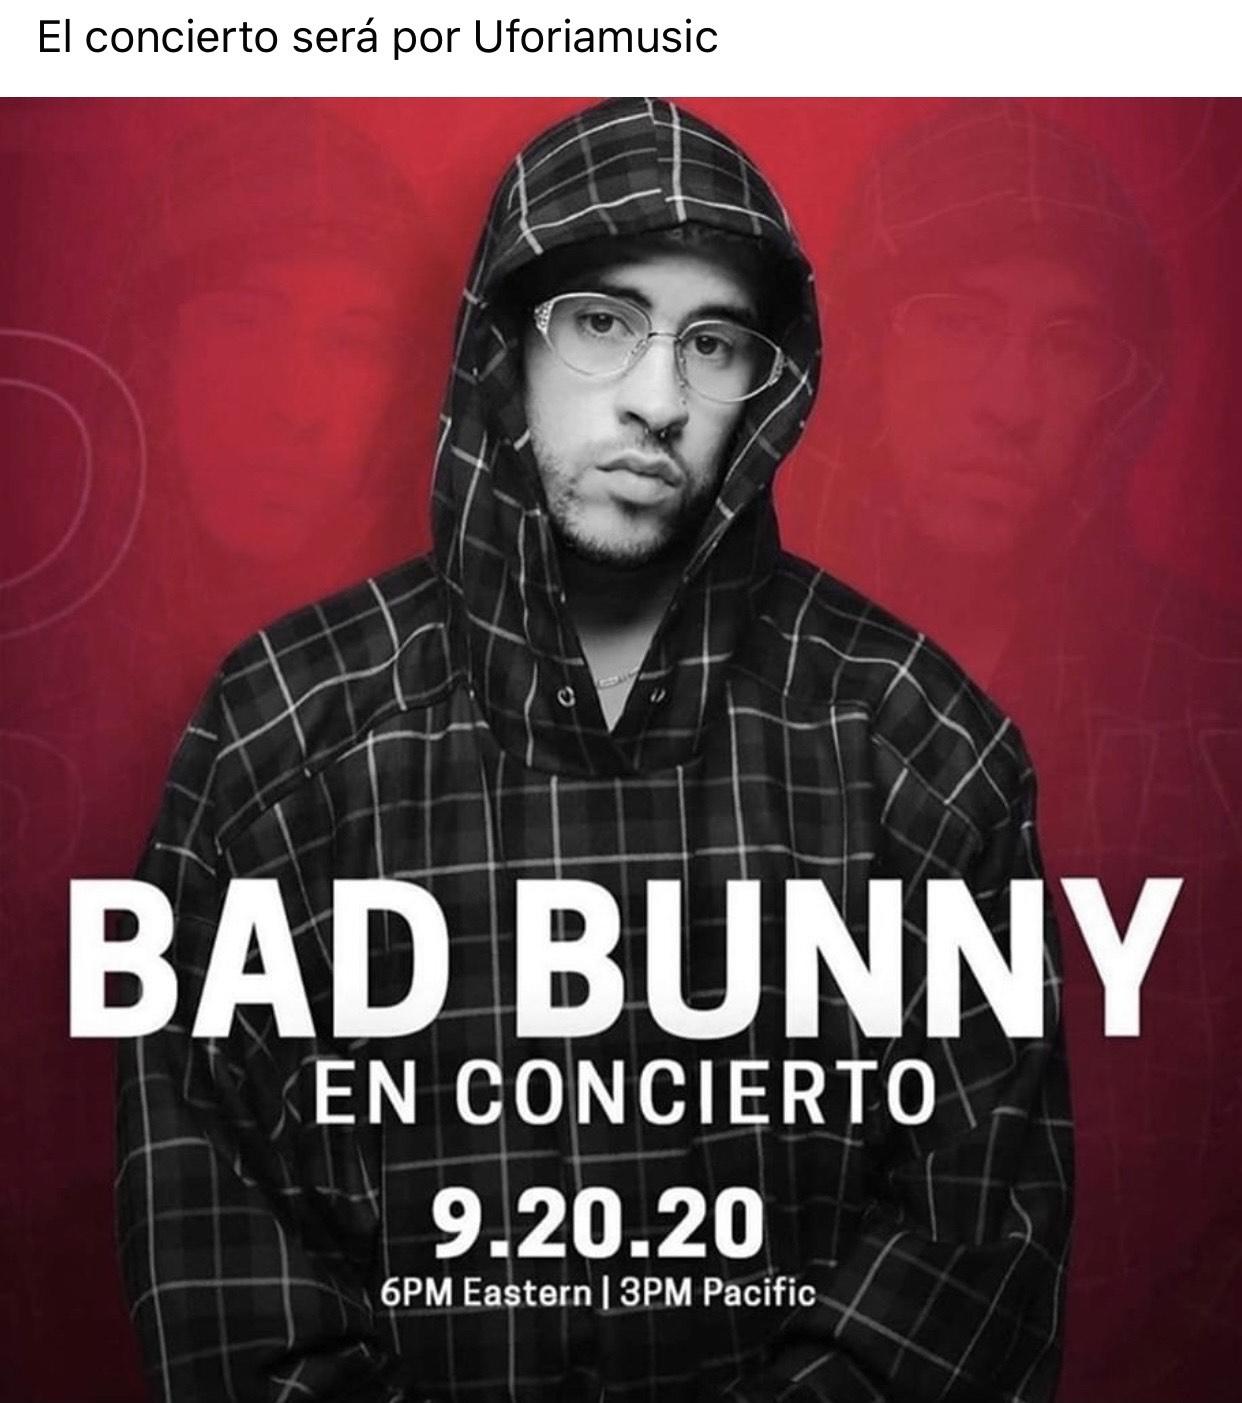 Concierto de badbuny (20 de Septiembre)